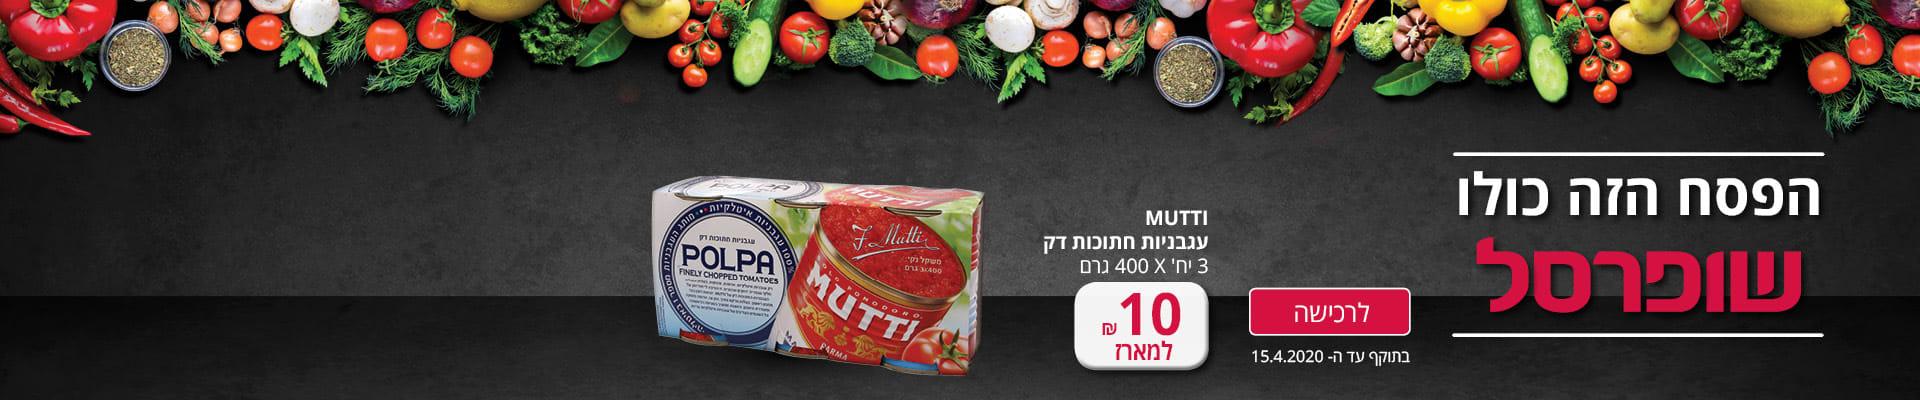 הפסח הזה כולו שופרסל: MUTTI עגבניות חתוכות דק 3 * 400 גרם ב- 10 ₪. בתוקף עד 14.4.2020